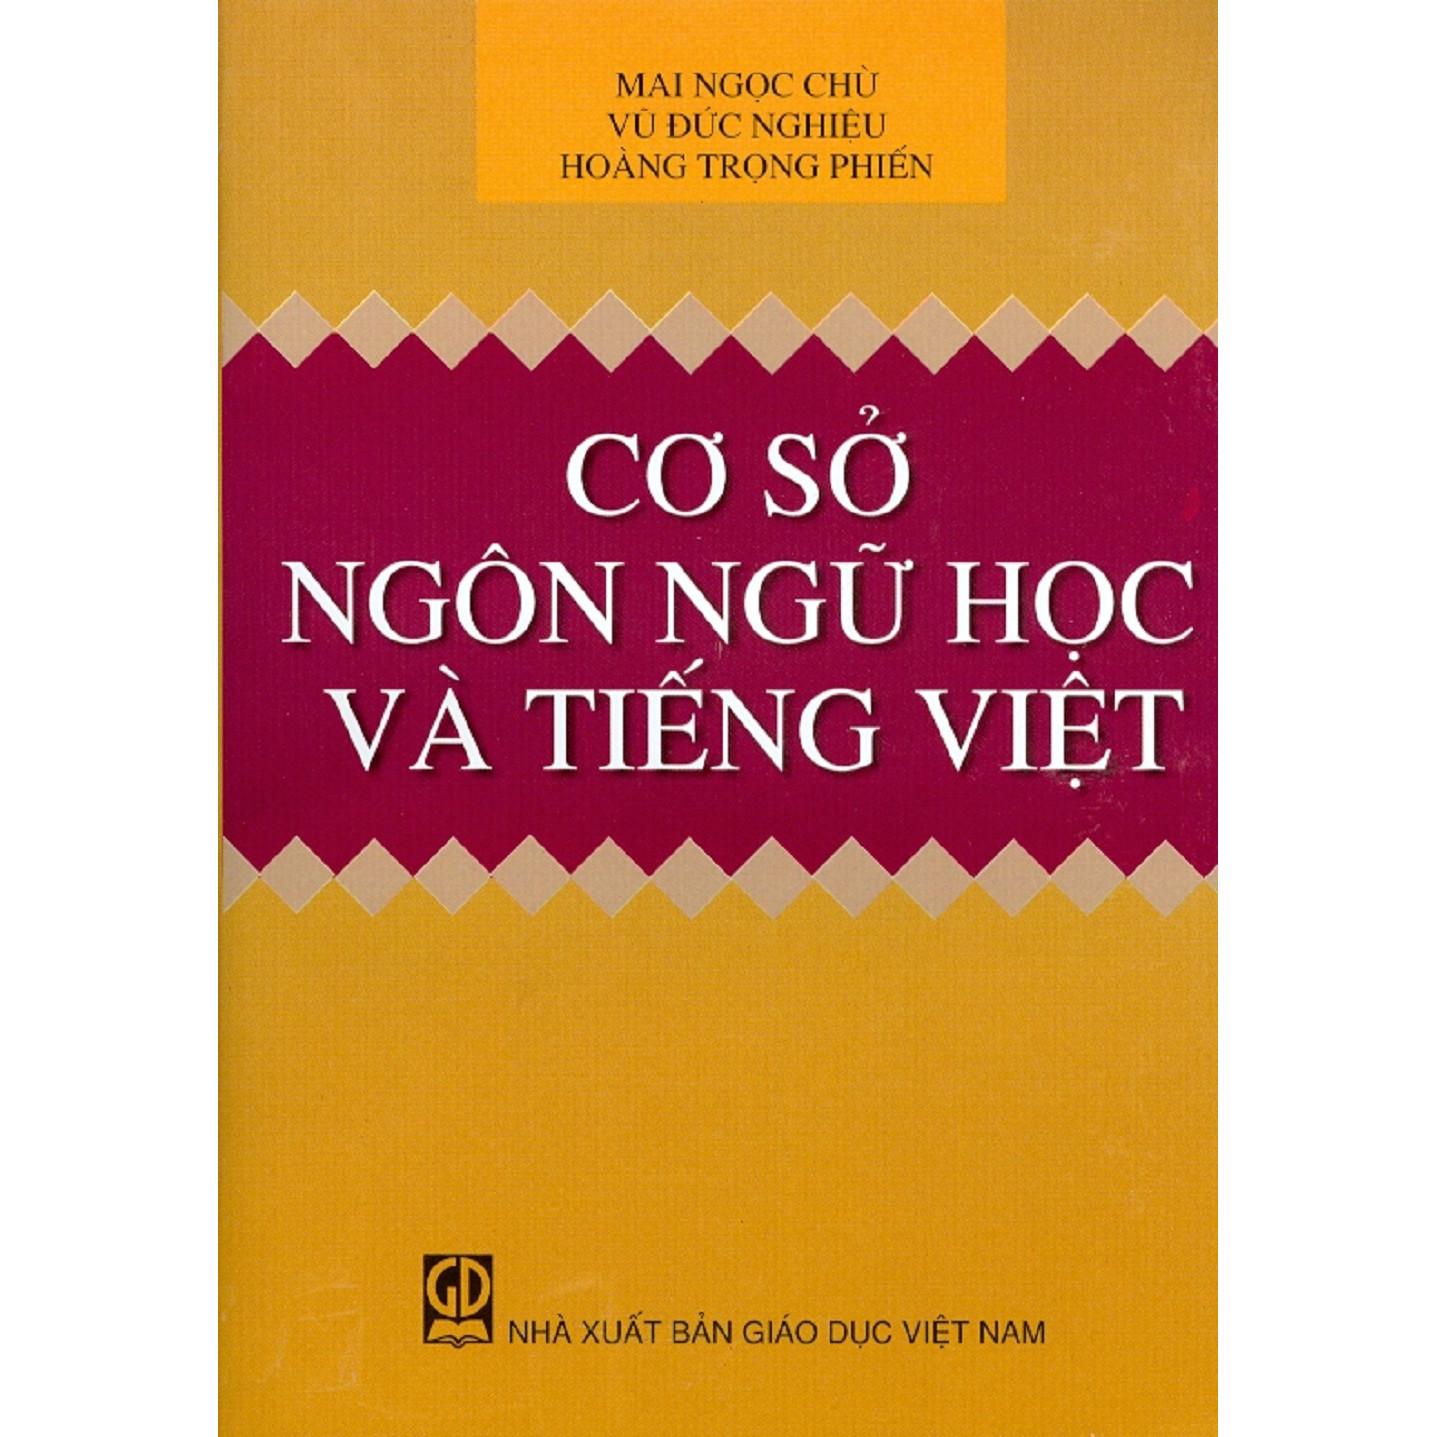 Cơ Sở Ngôn Ngữ Học Và Tiếng Việt